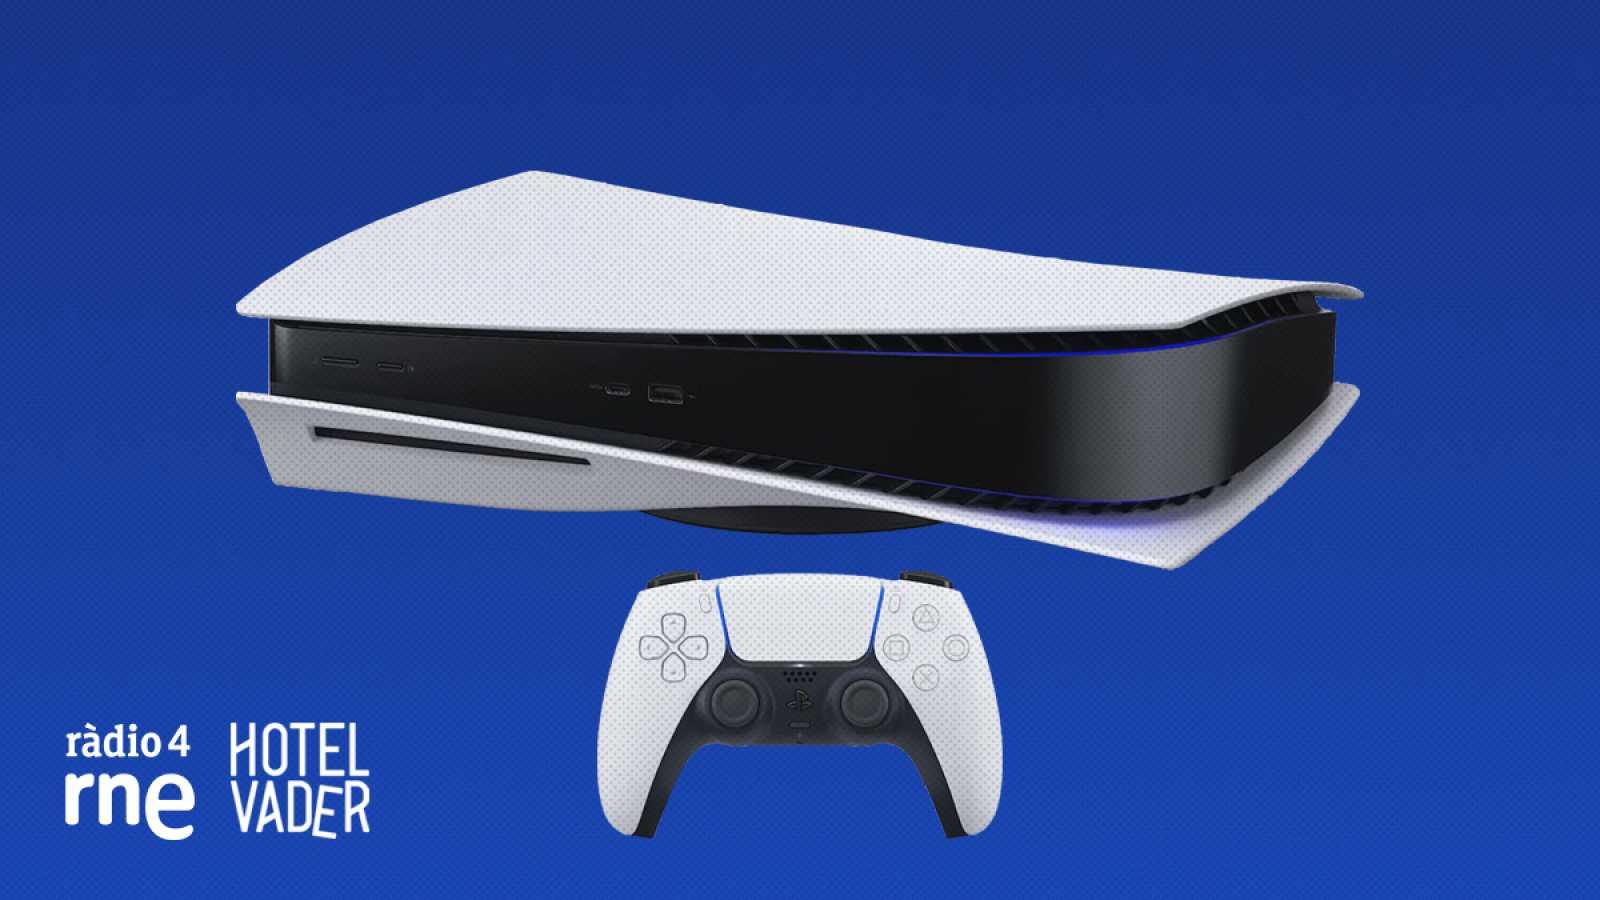 Hotel Vader - Playstation 5